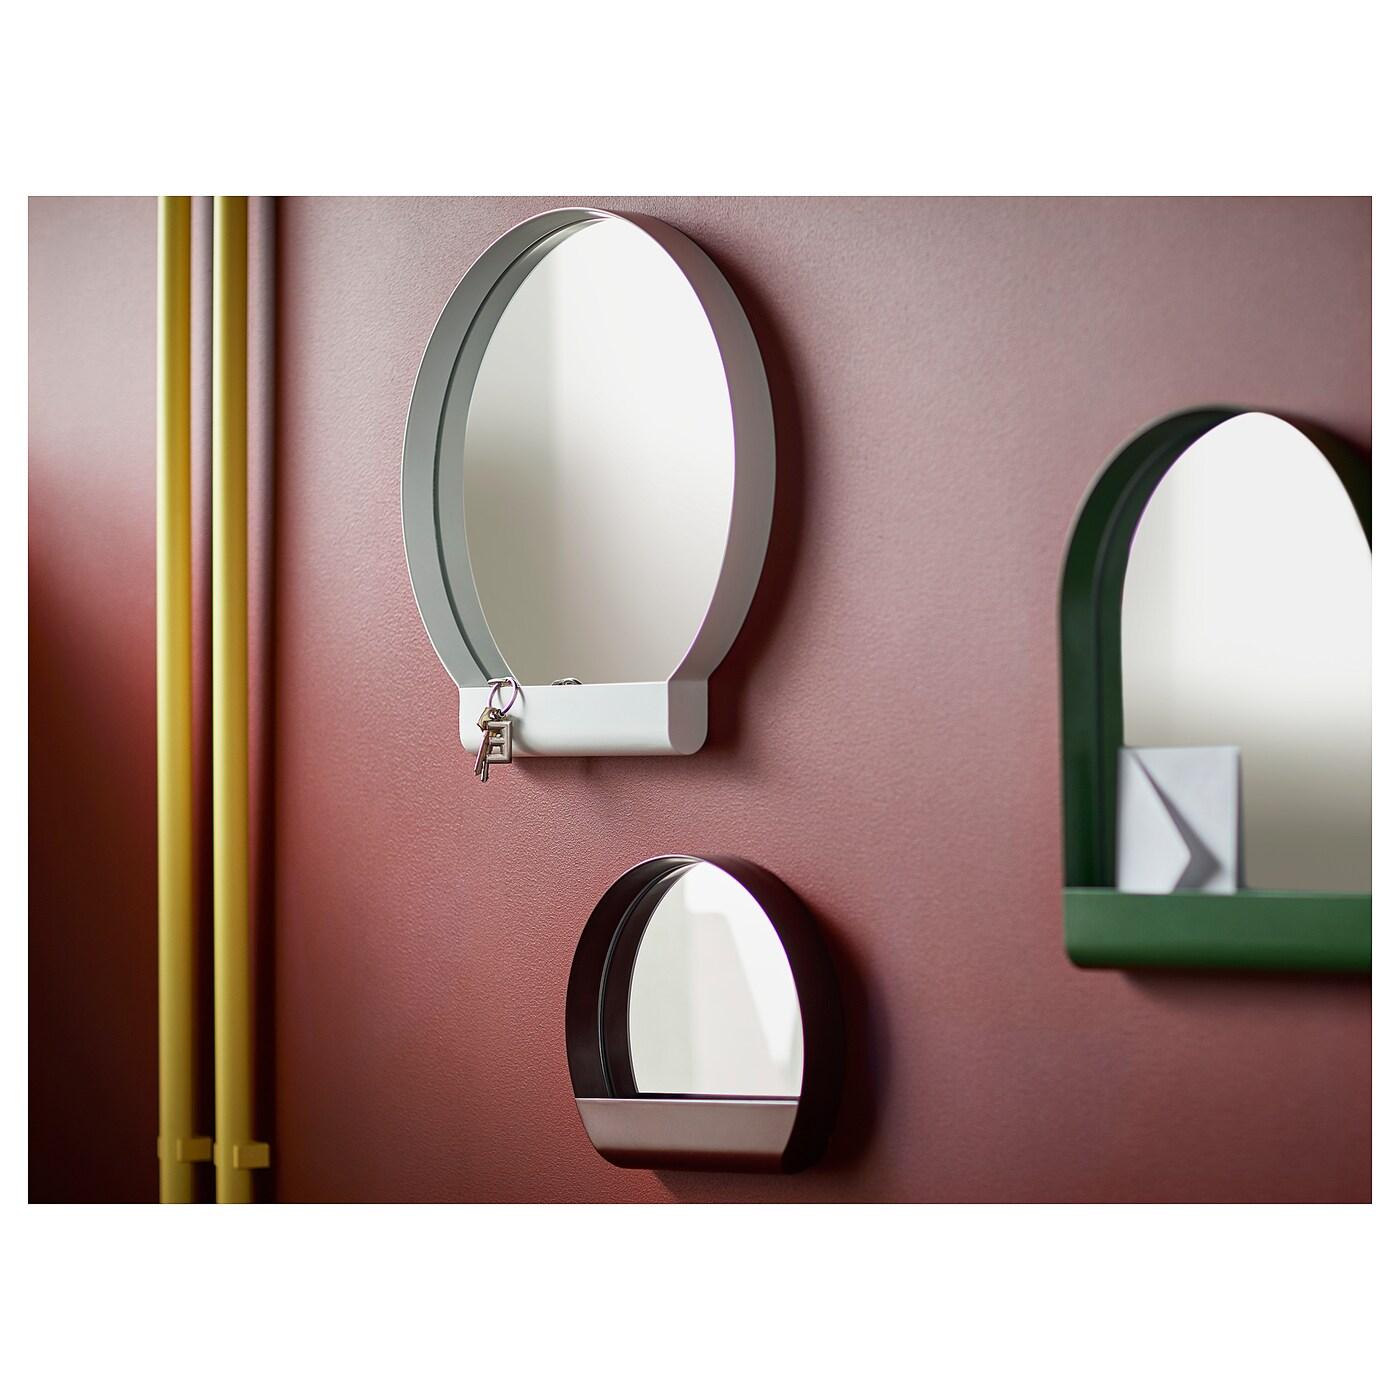 Ypperlig miroir rouge fonc 30x26 cm ikea for Miroir rouge